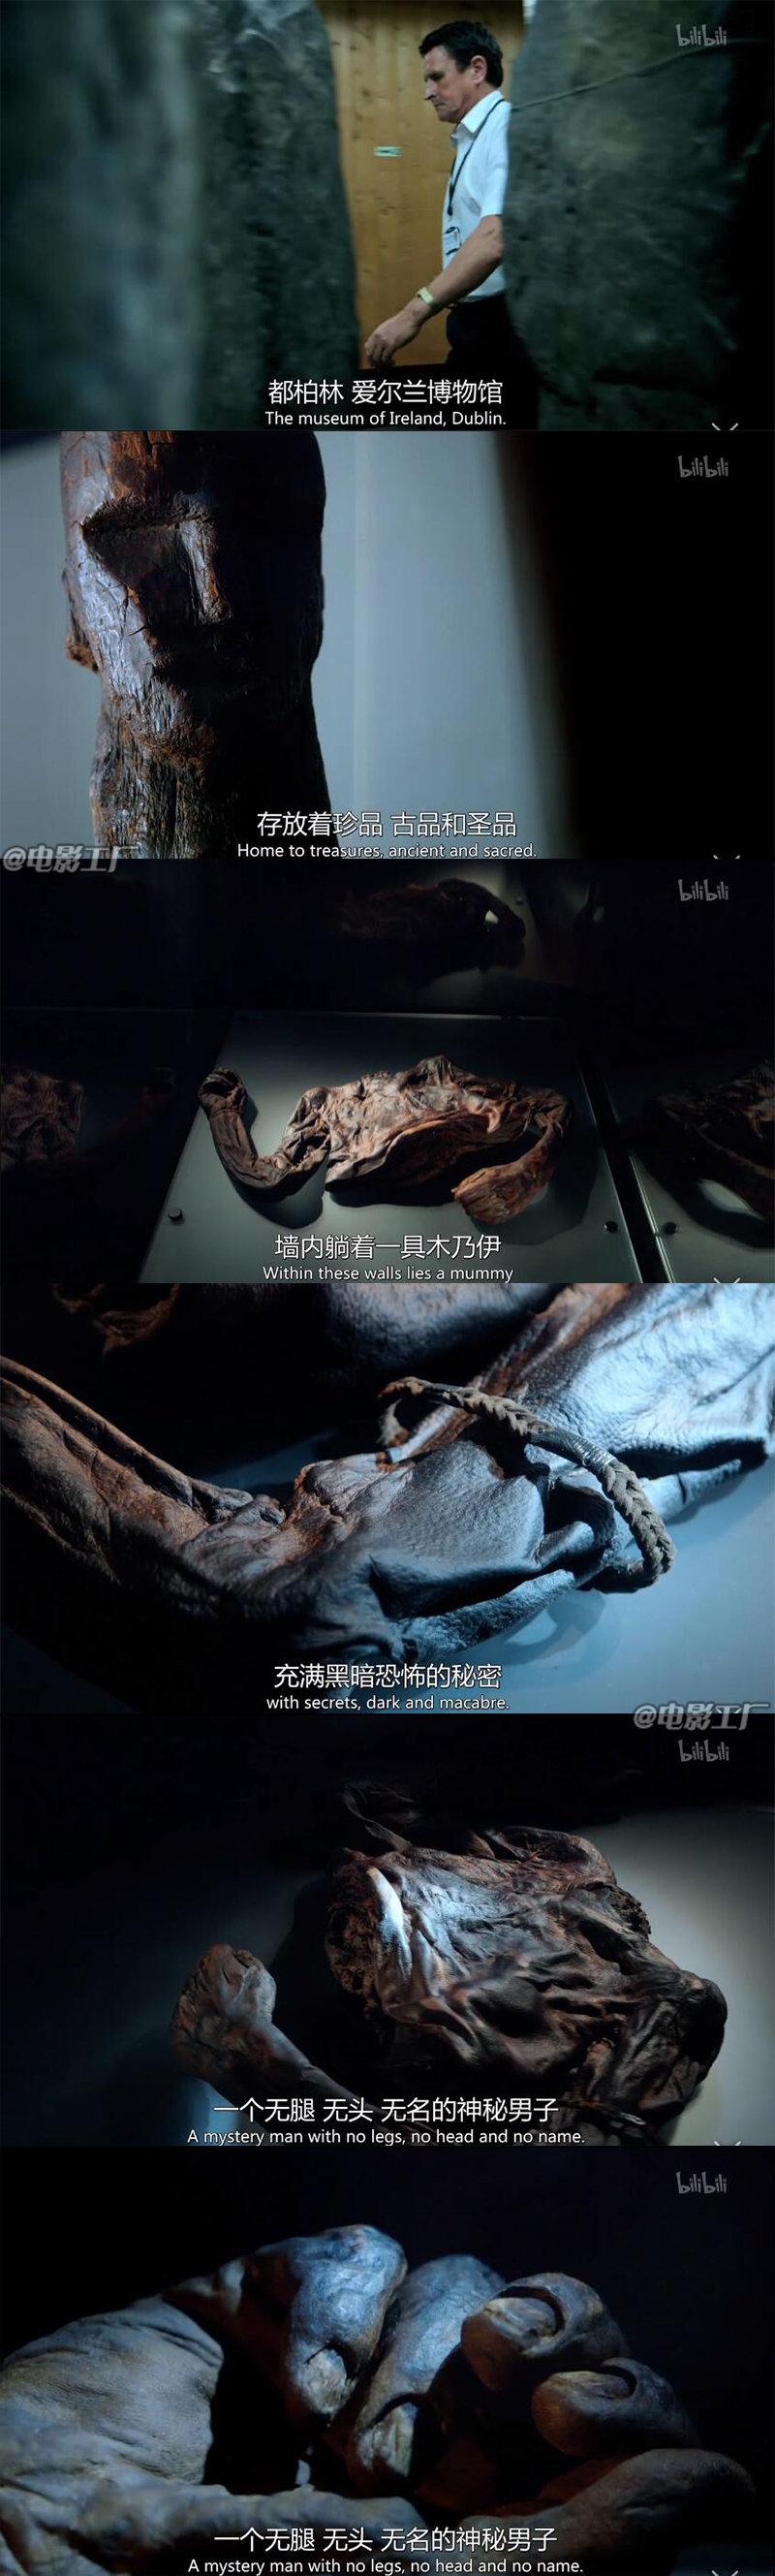 木乃伊纪录片!B站新上线的《活着的木乃伊》系列! By